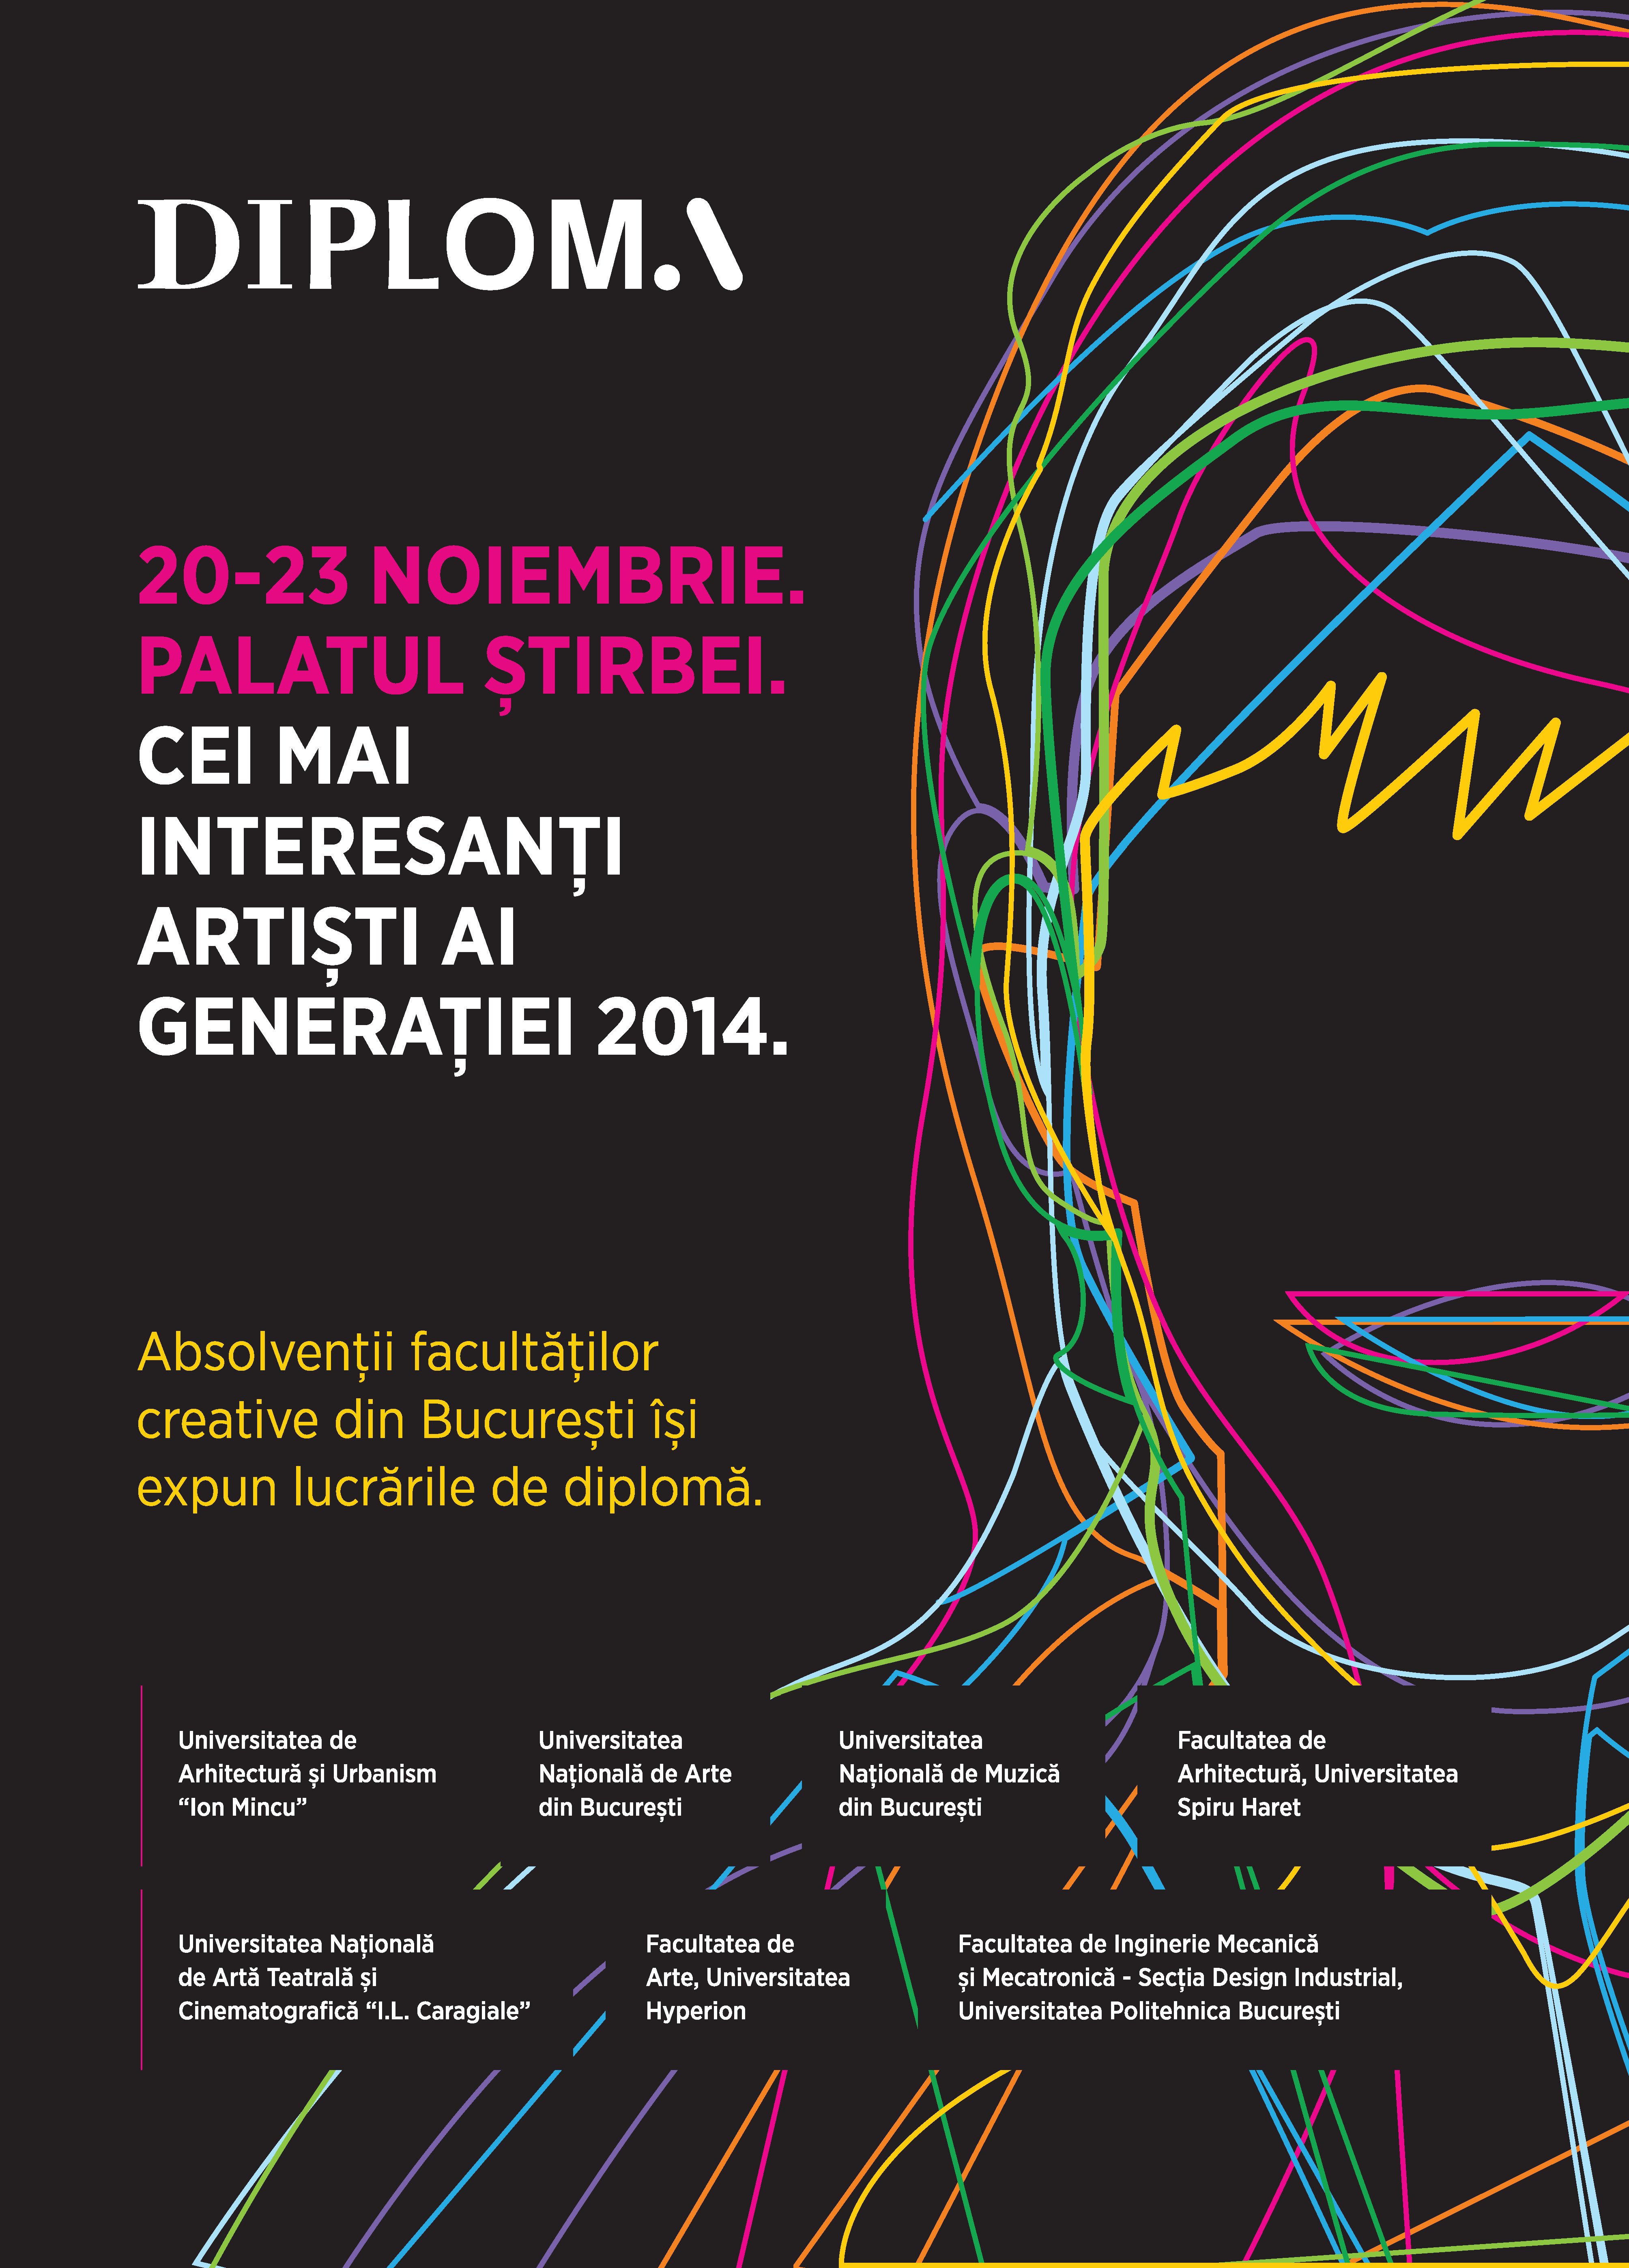 The Institute prezintă următoarea generație de creativi români: DIPLOMA